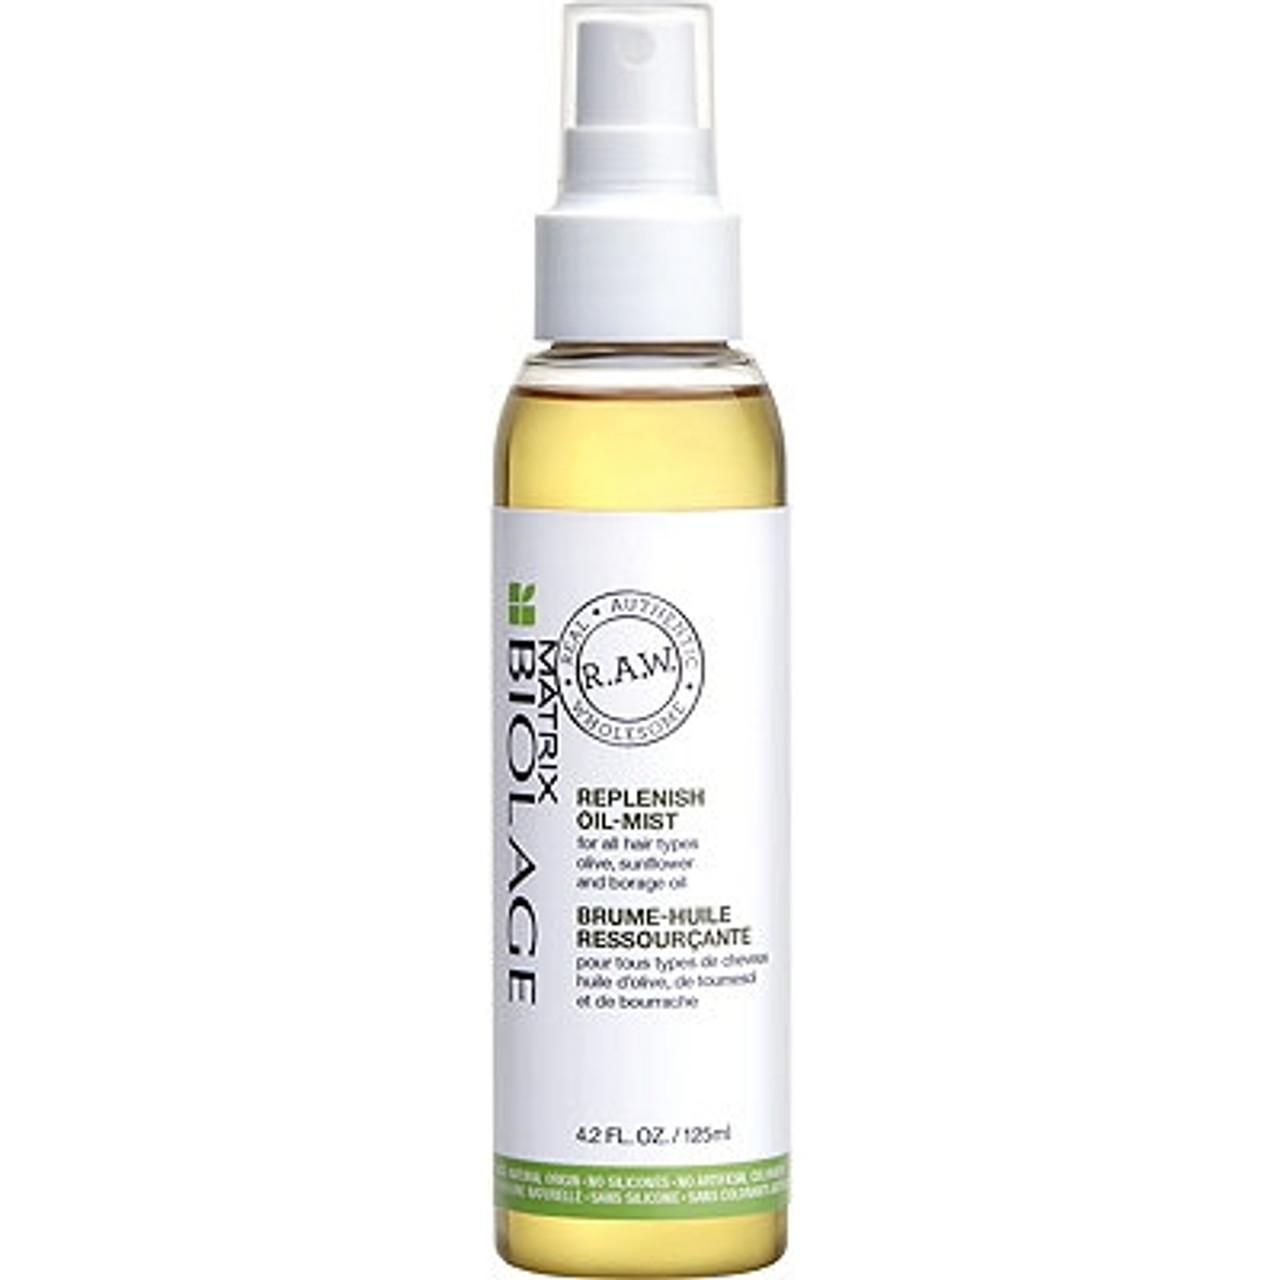 Biolage Replenish Oil Mist 4.2 Fl Oz